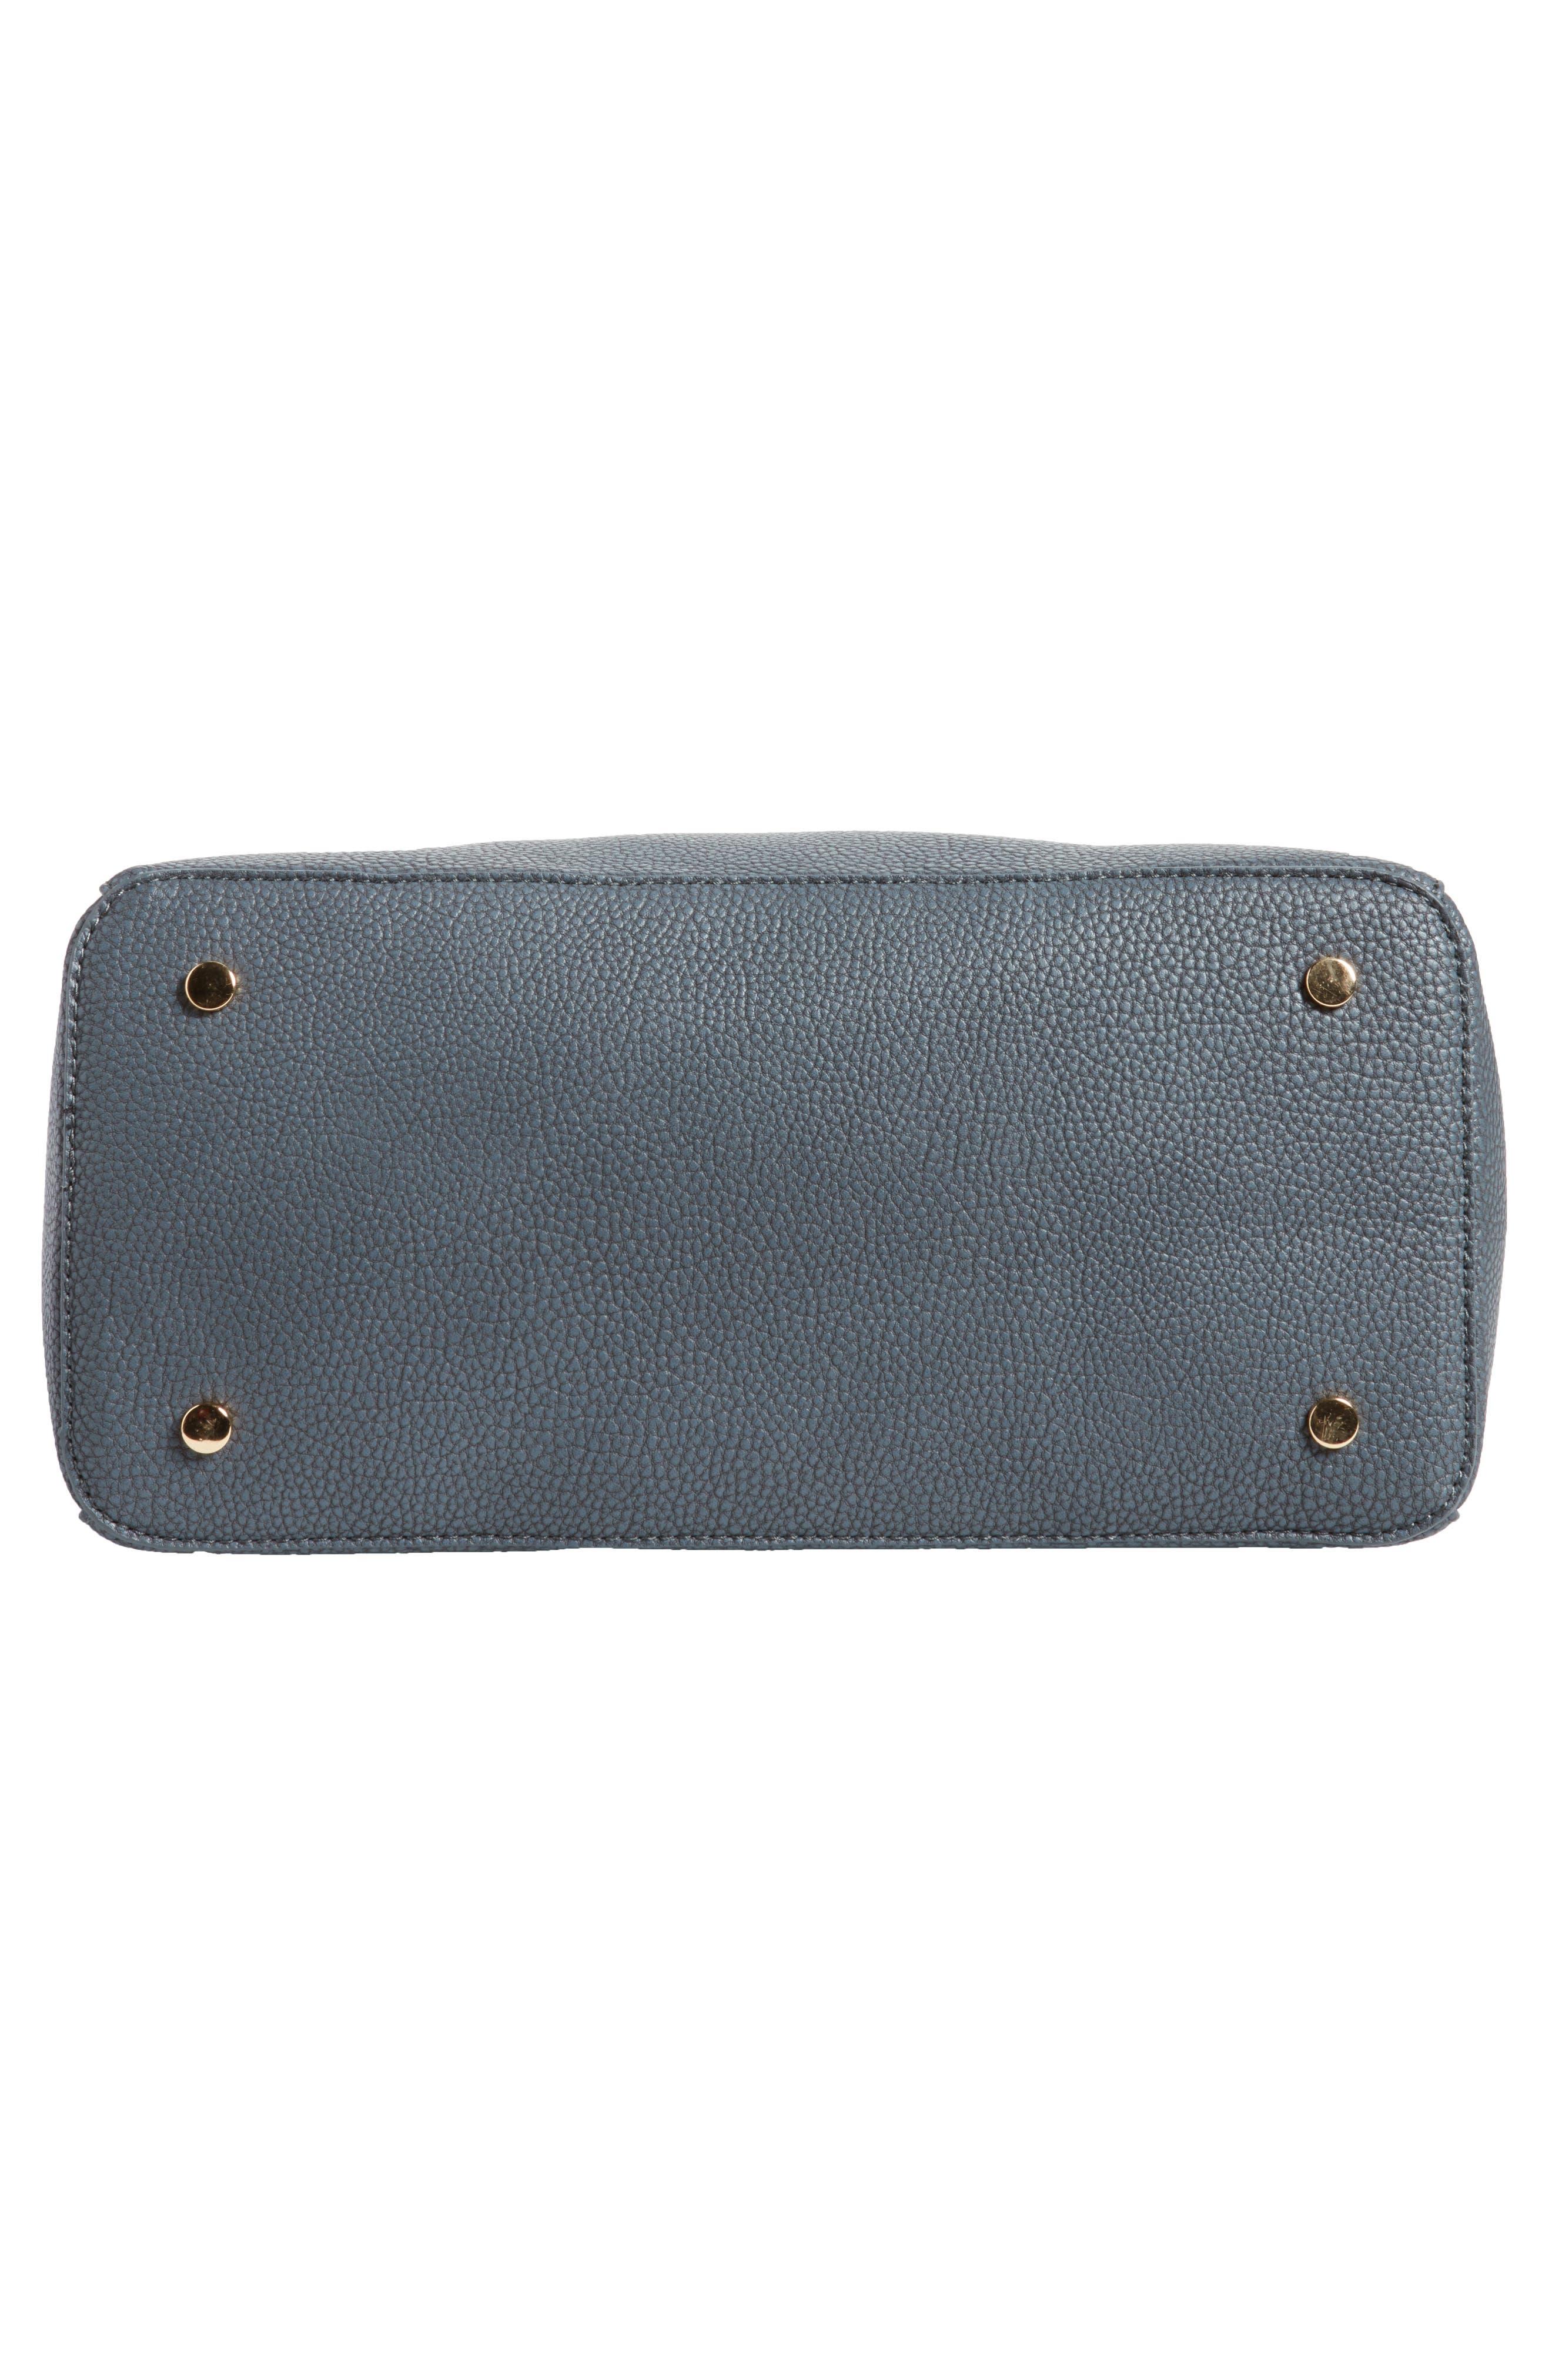 Lexington Faux Leather Satchel,                             Alternate thumbnail 6, color,                             Slate Blue